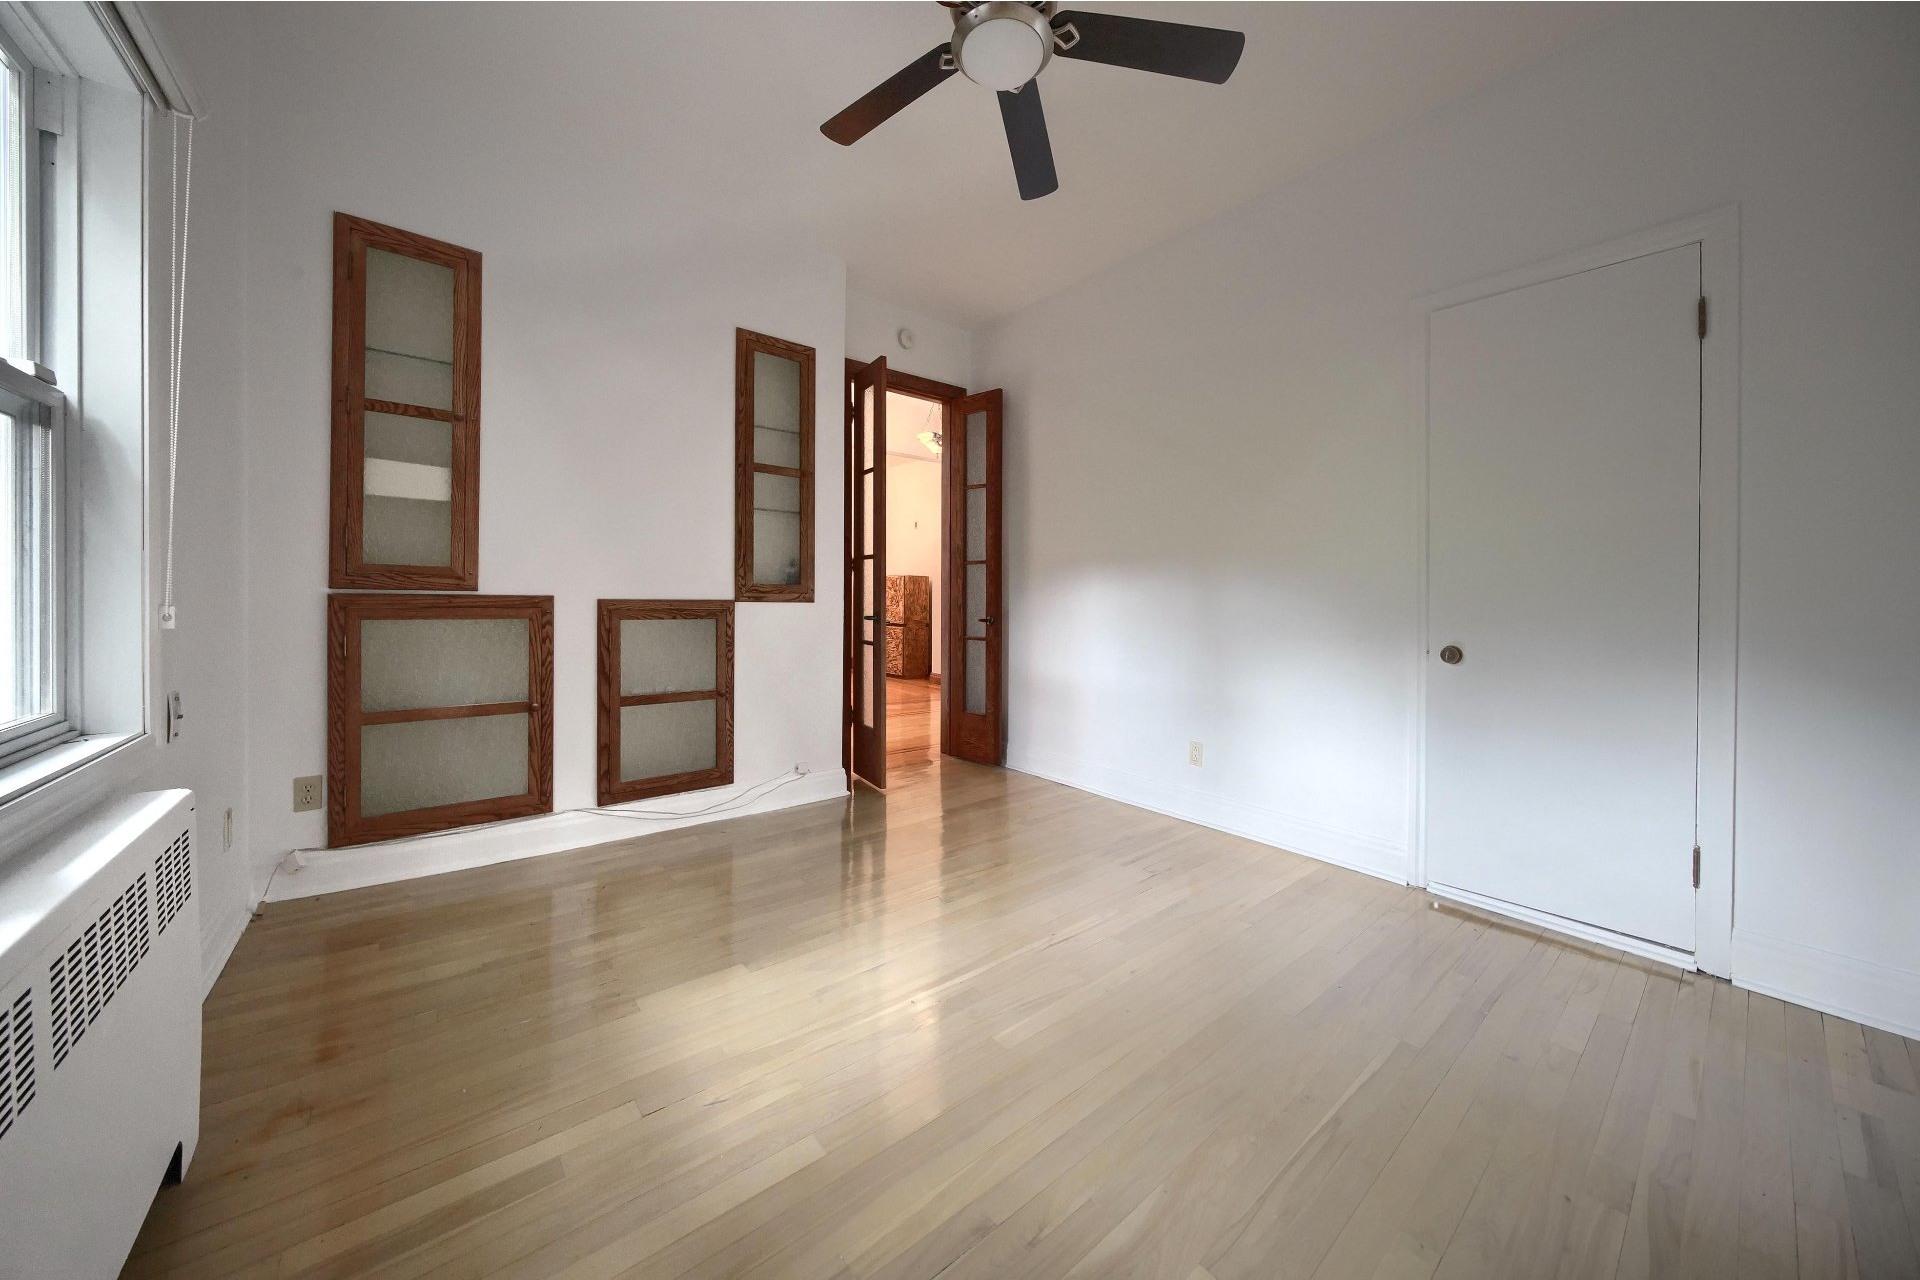 image 20 - Apartment For rent Ville-Marie Montréal  - 10 rooms